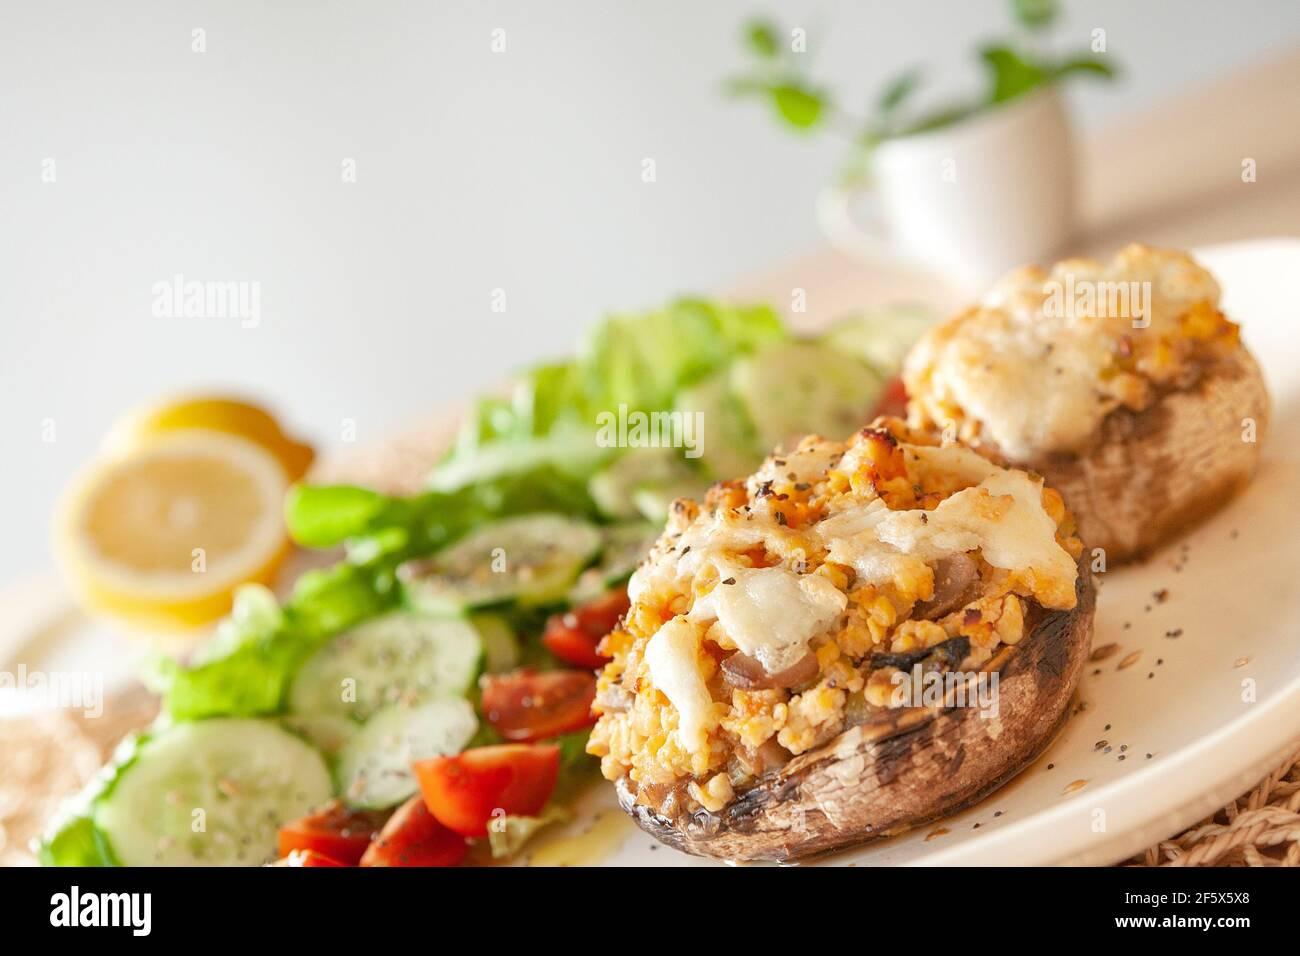 Cucina mediterranea. Funghi farciti con formaggio, insalata, pomodoro, cetriolo, limone. Foto Stock